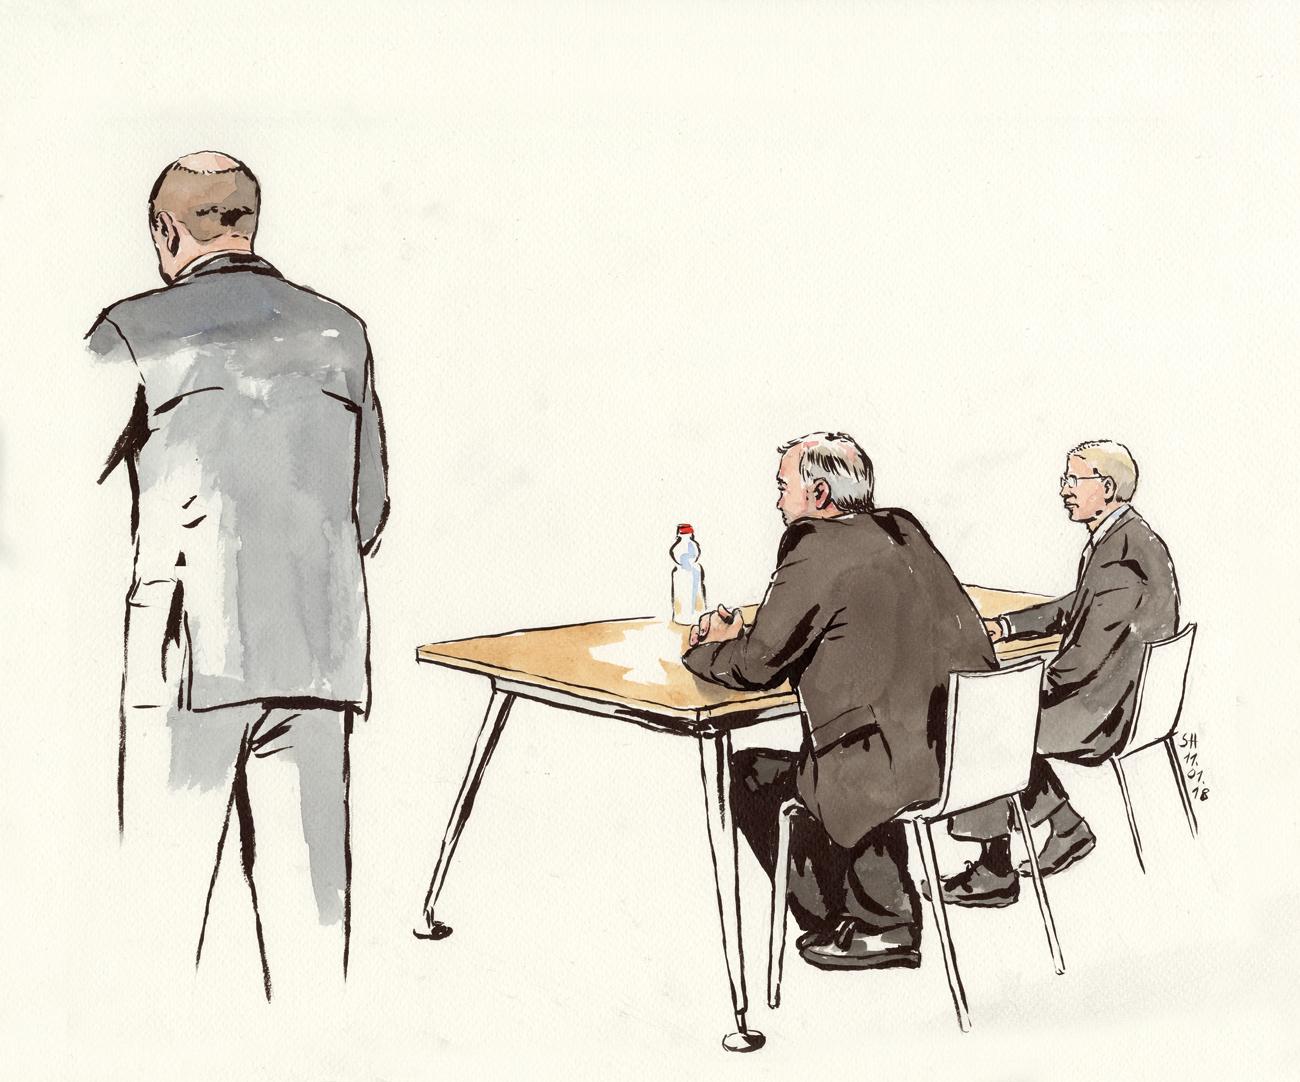 Angeklagter und Verteidiger sitzend, Staatsanwalt stehend